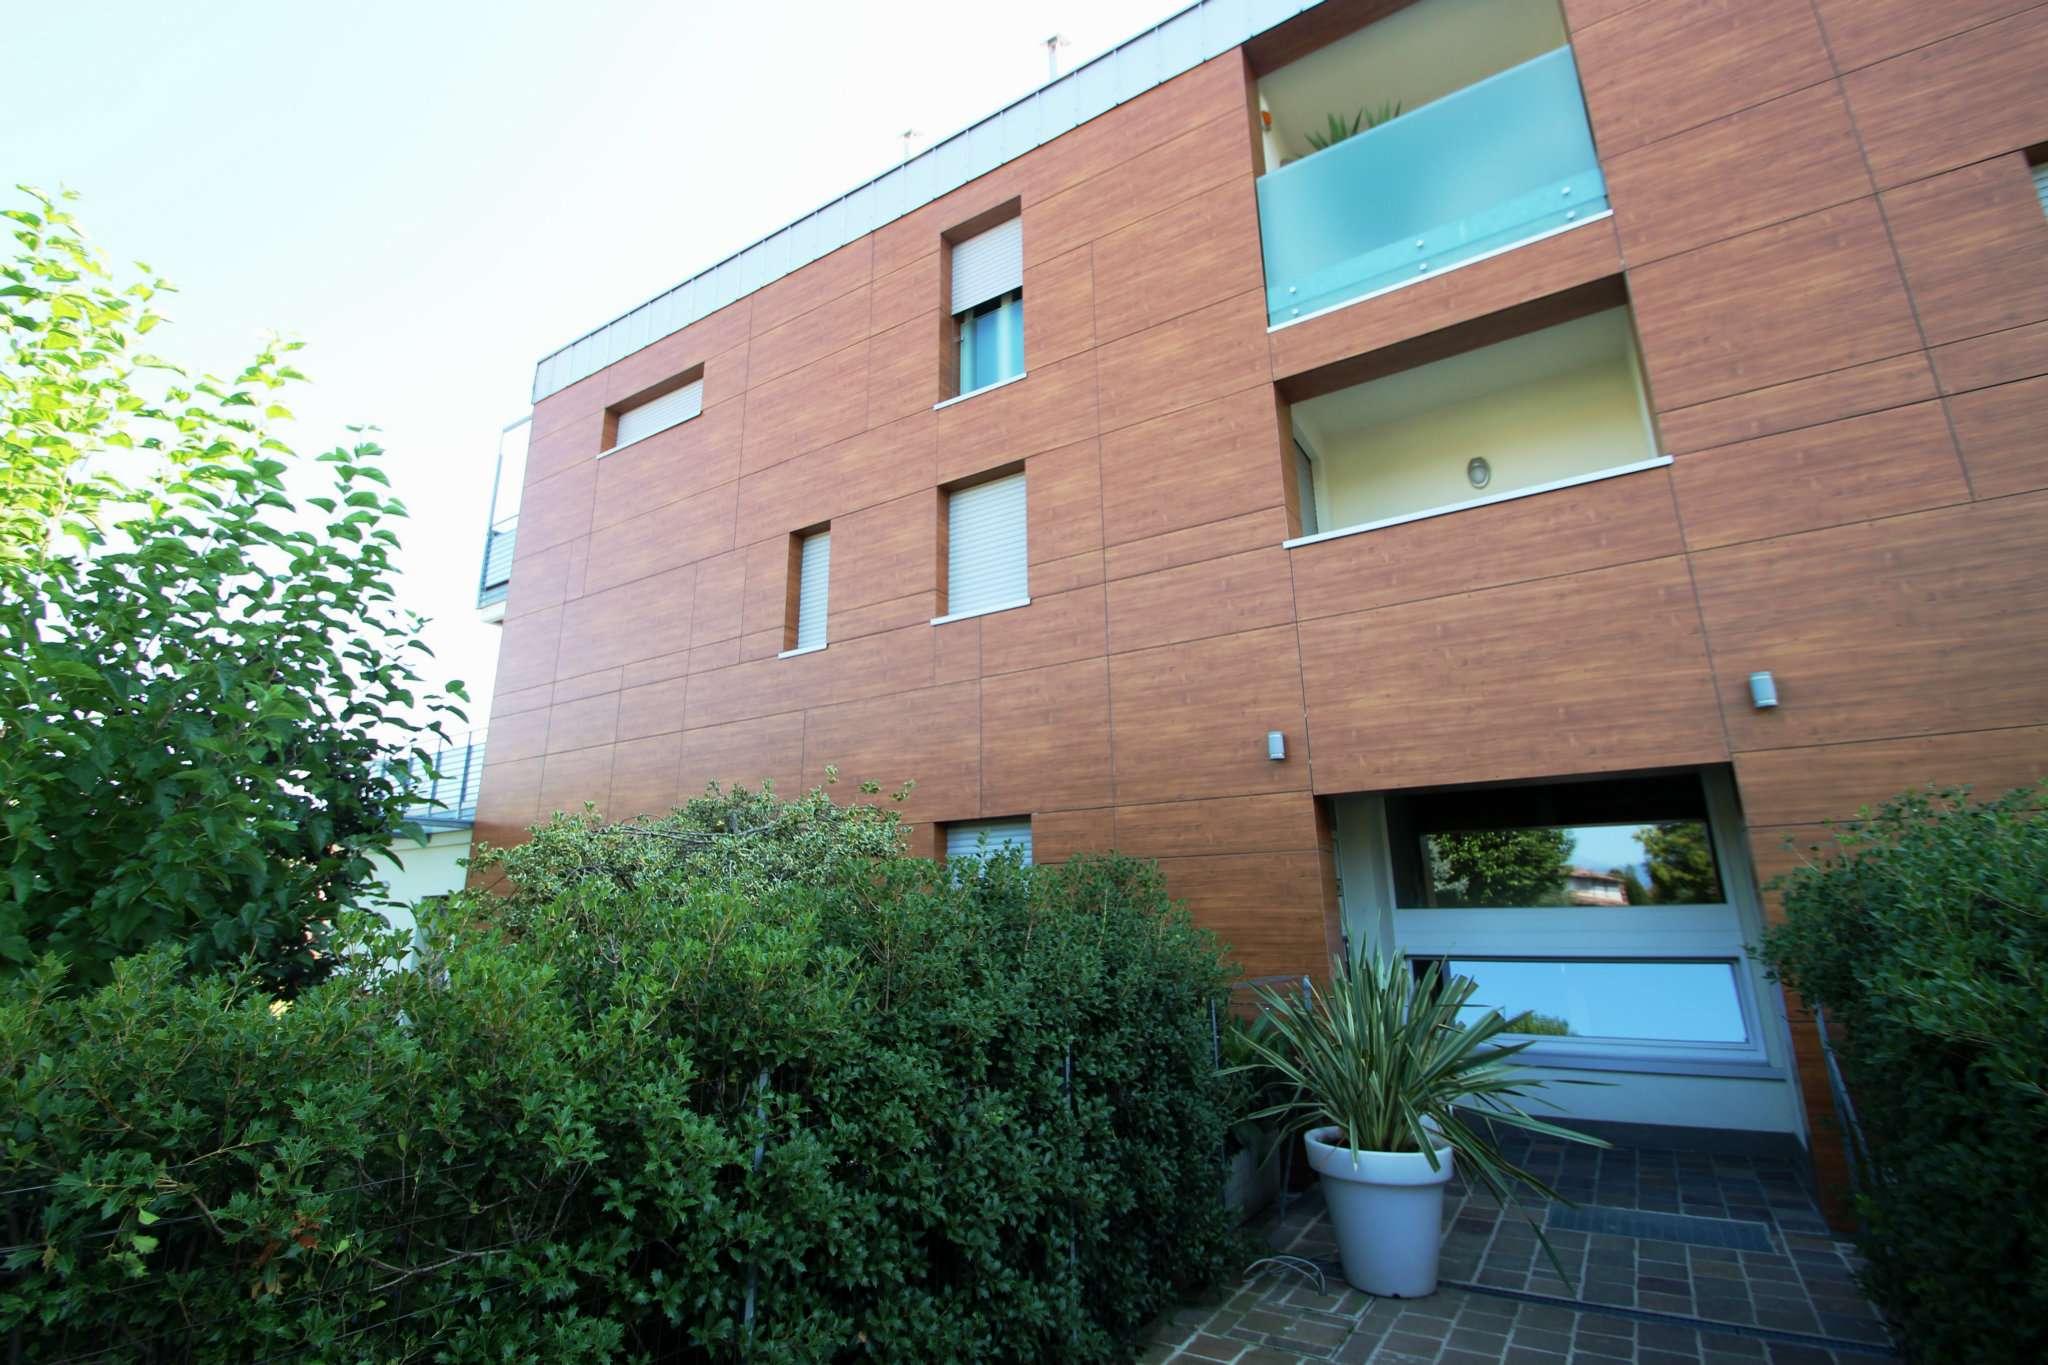 Appartamento in vendita a Levate, 2 locali, prezzo € 100.000 | CambioCasa.it